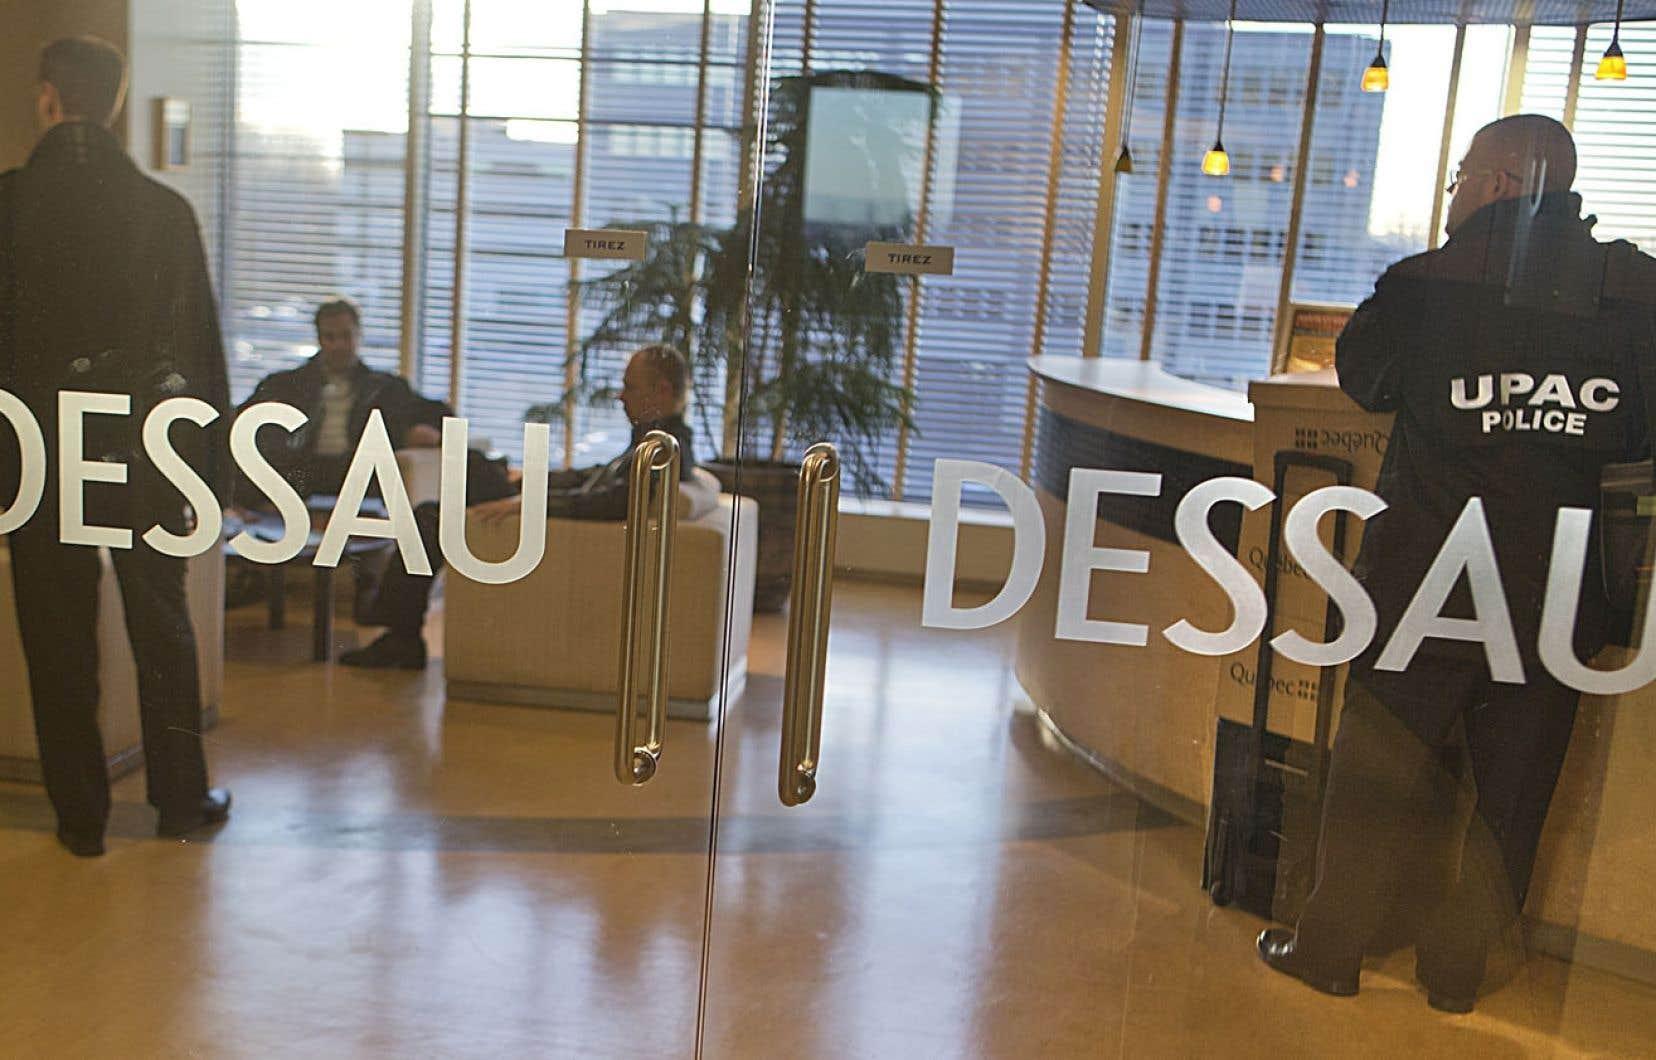 L'UPAC en perquisition dans les bureaux de Dessau, en novembre 2012